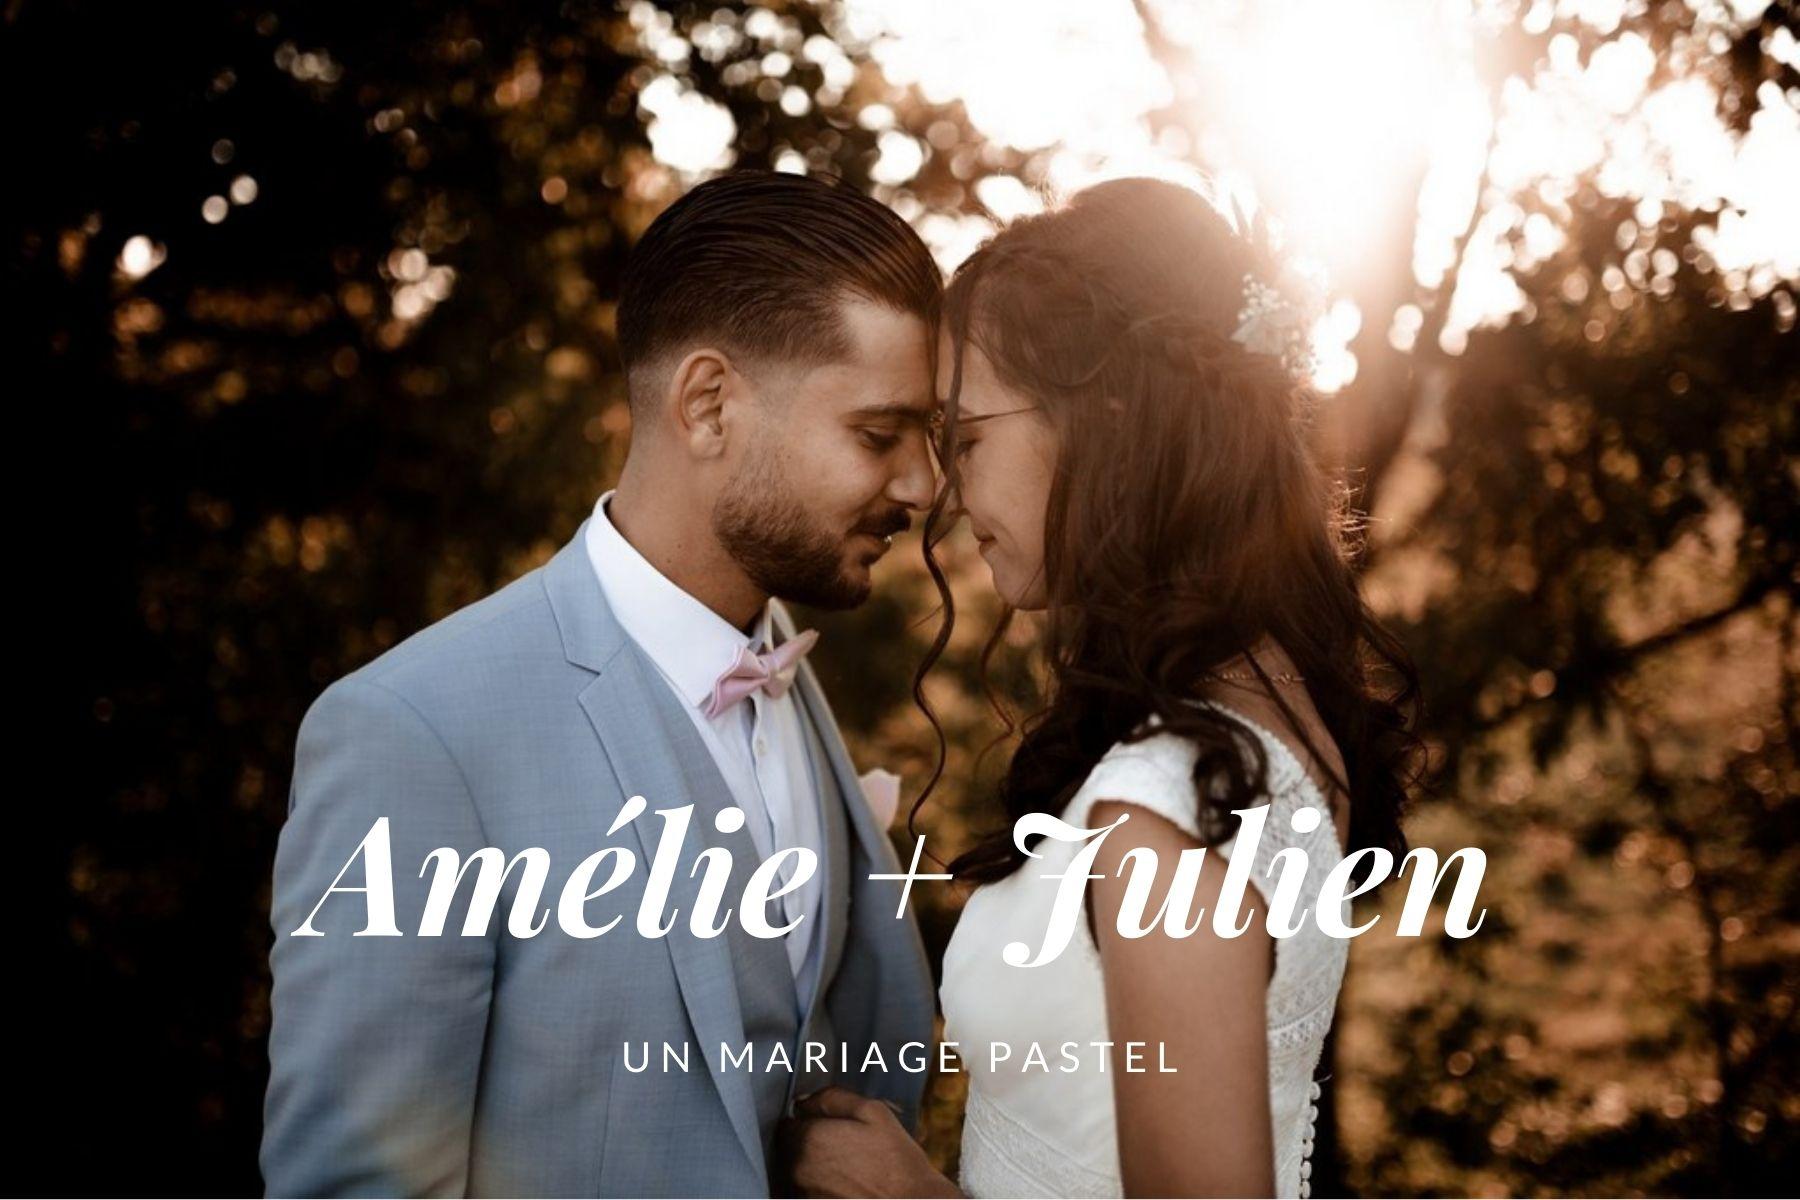 Organisation de mariage champêtre - Hera Mariage Wedding Planner - Auvergne - Puy de Dôme - Clermont-Ferrand - Allier - Haute-Loire - Cantal